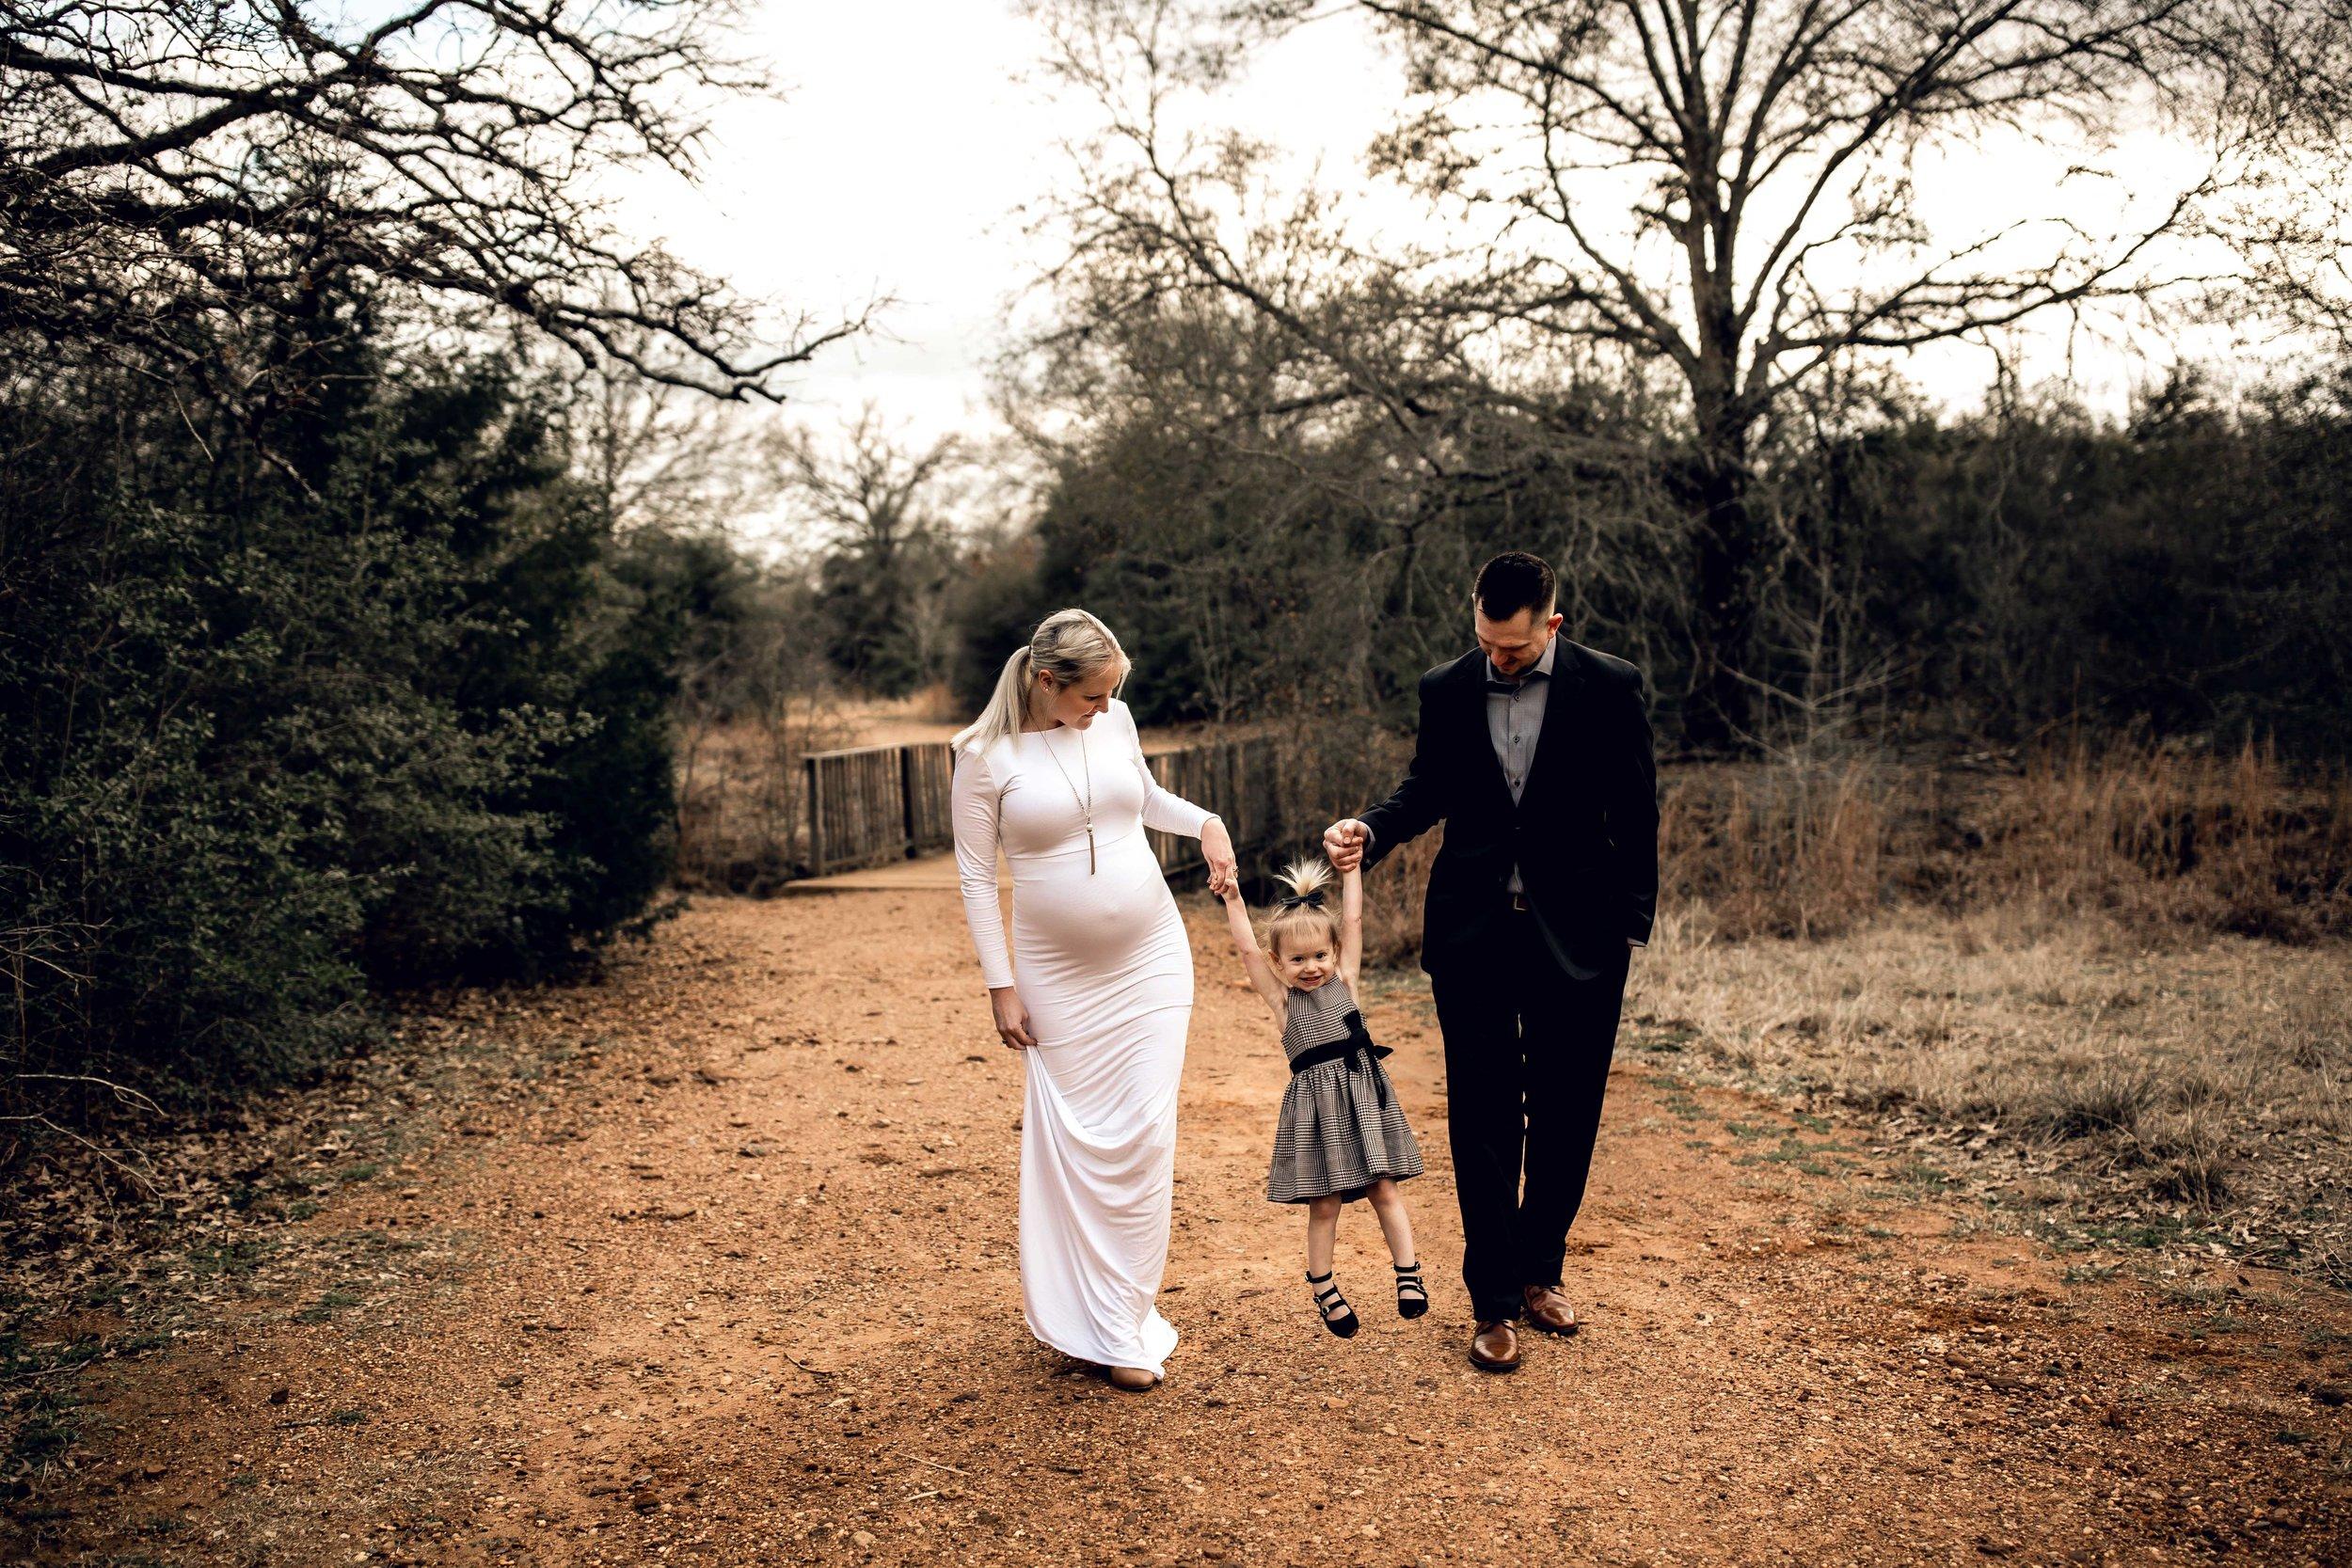 shelby-schiller-photography-maternity-family-holding-hands-swinging-girl.jpg